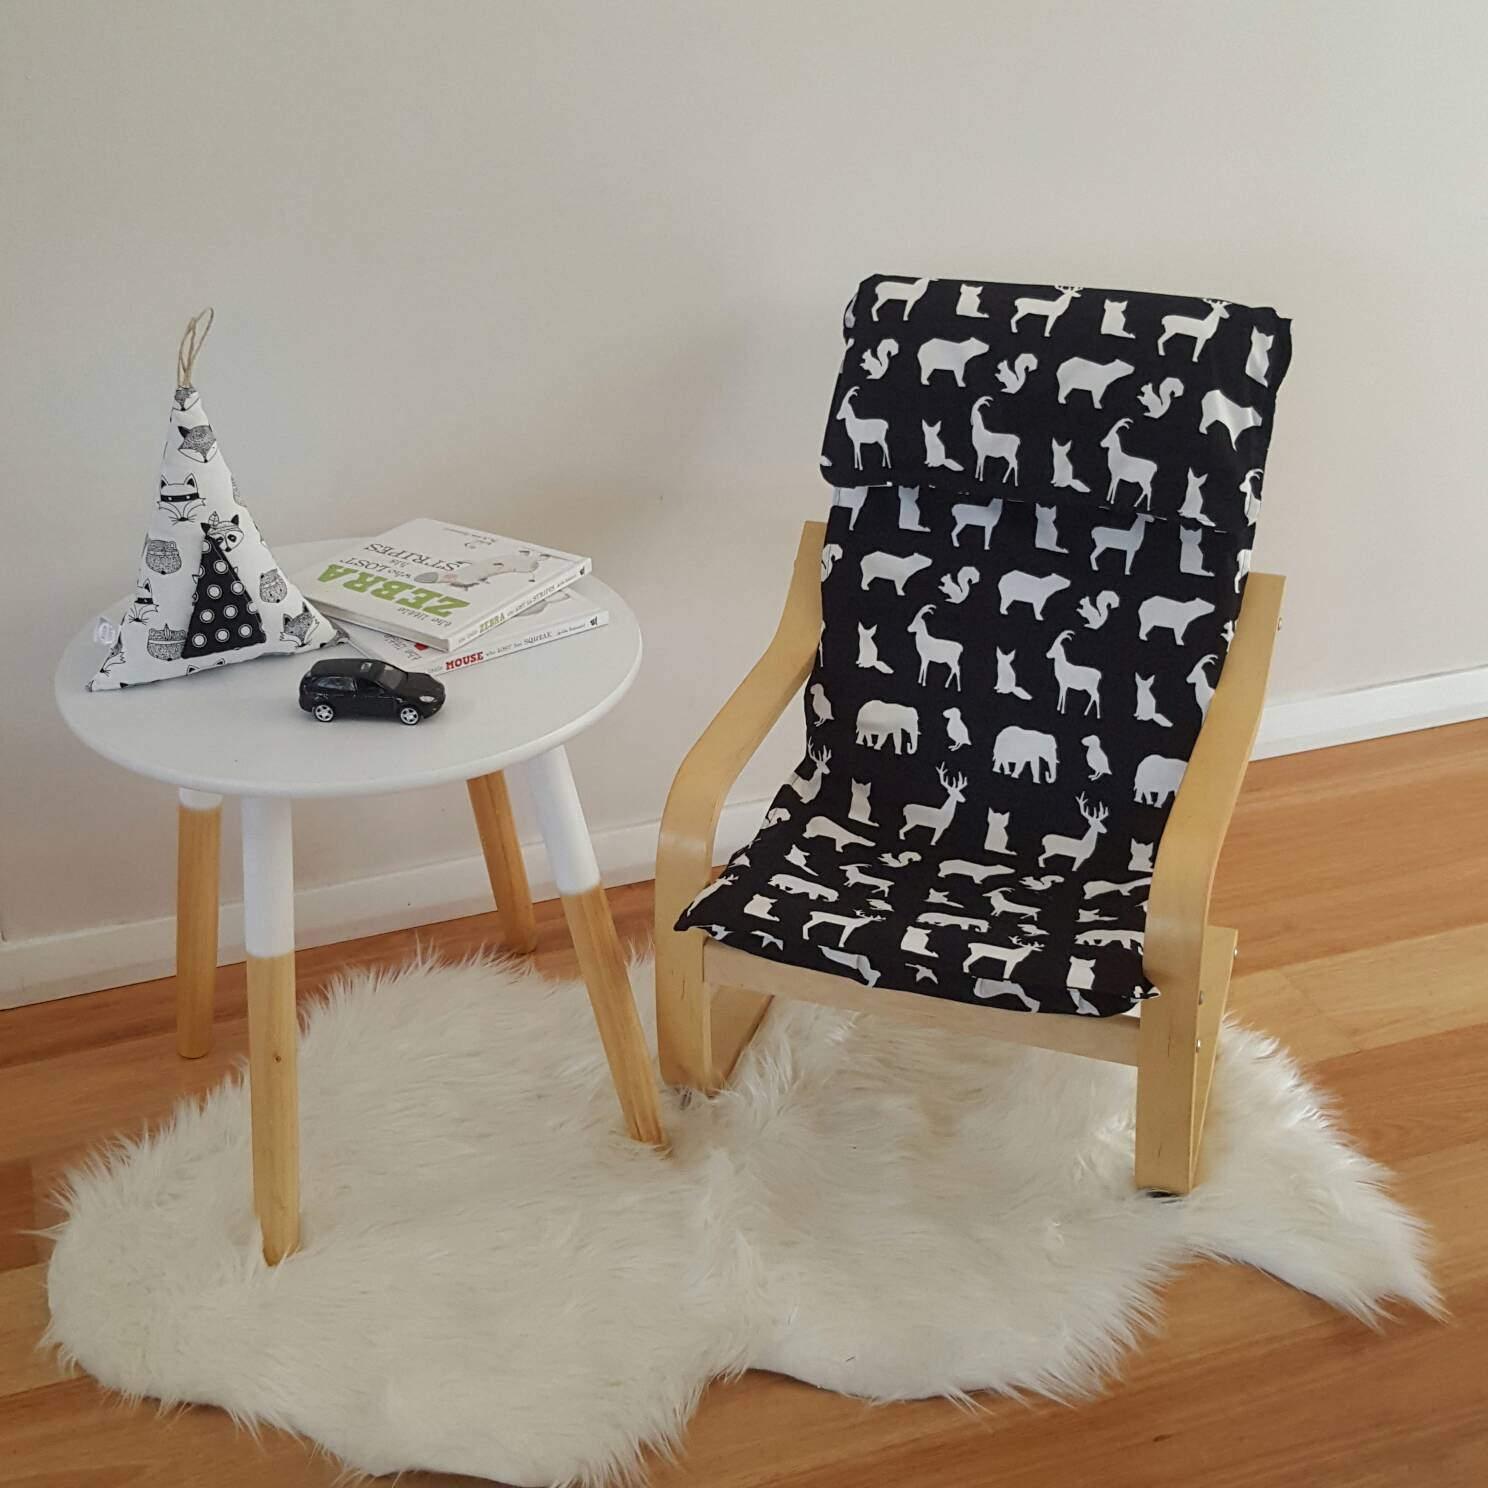 ikea chaise lamelle/poang couverture/enfants | etsy